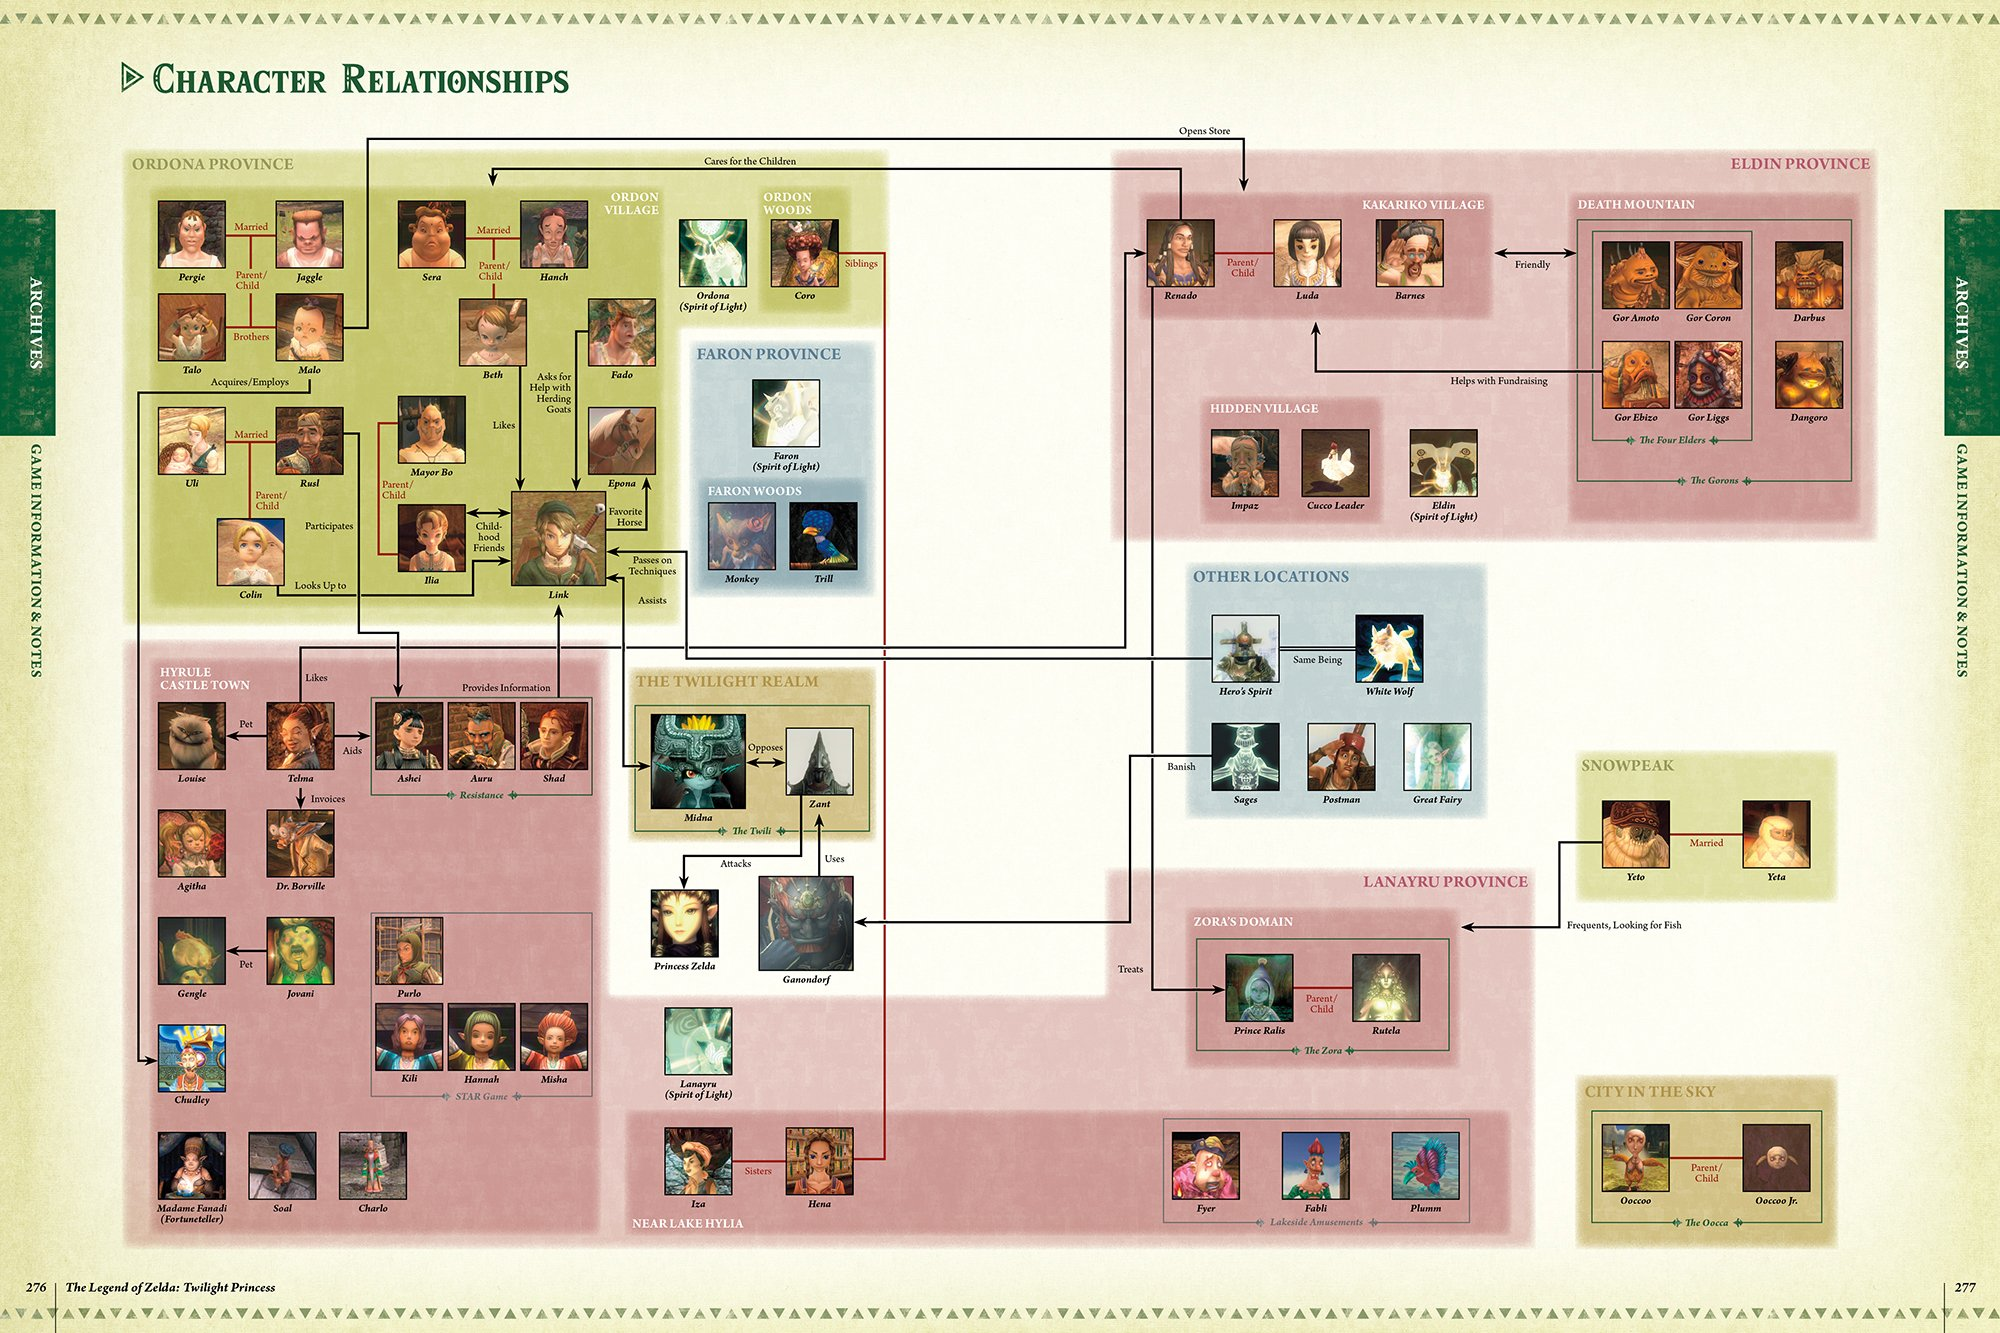 Relación de personajes en zelda